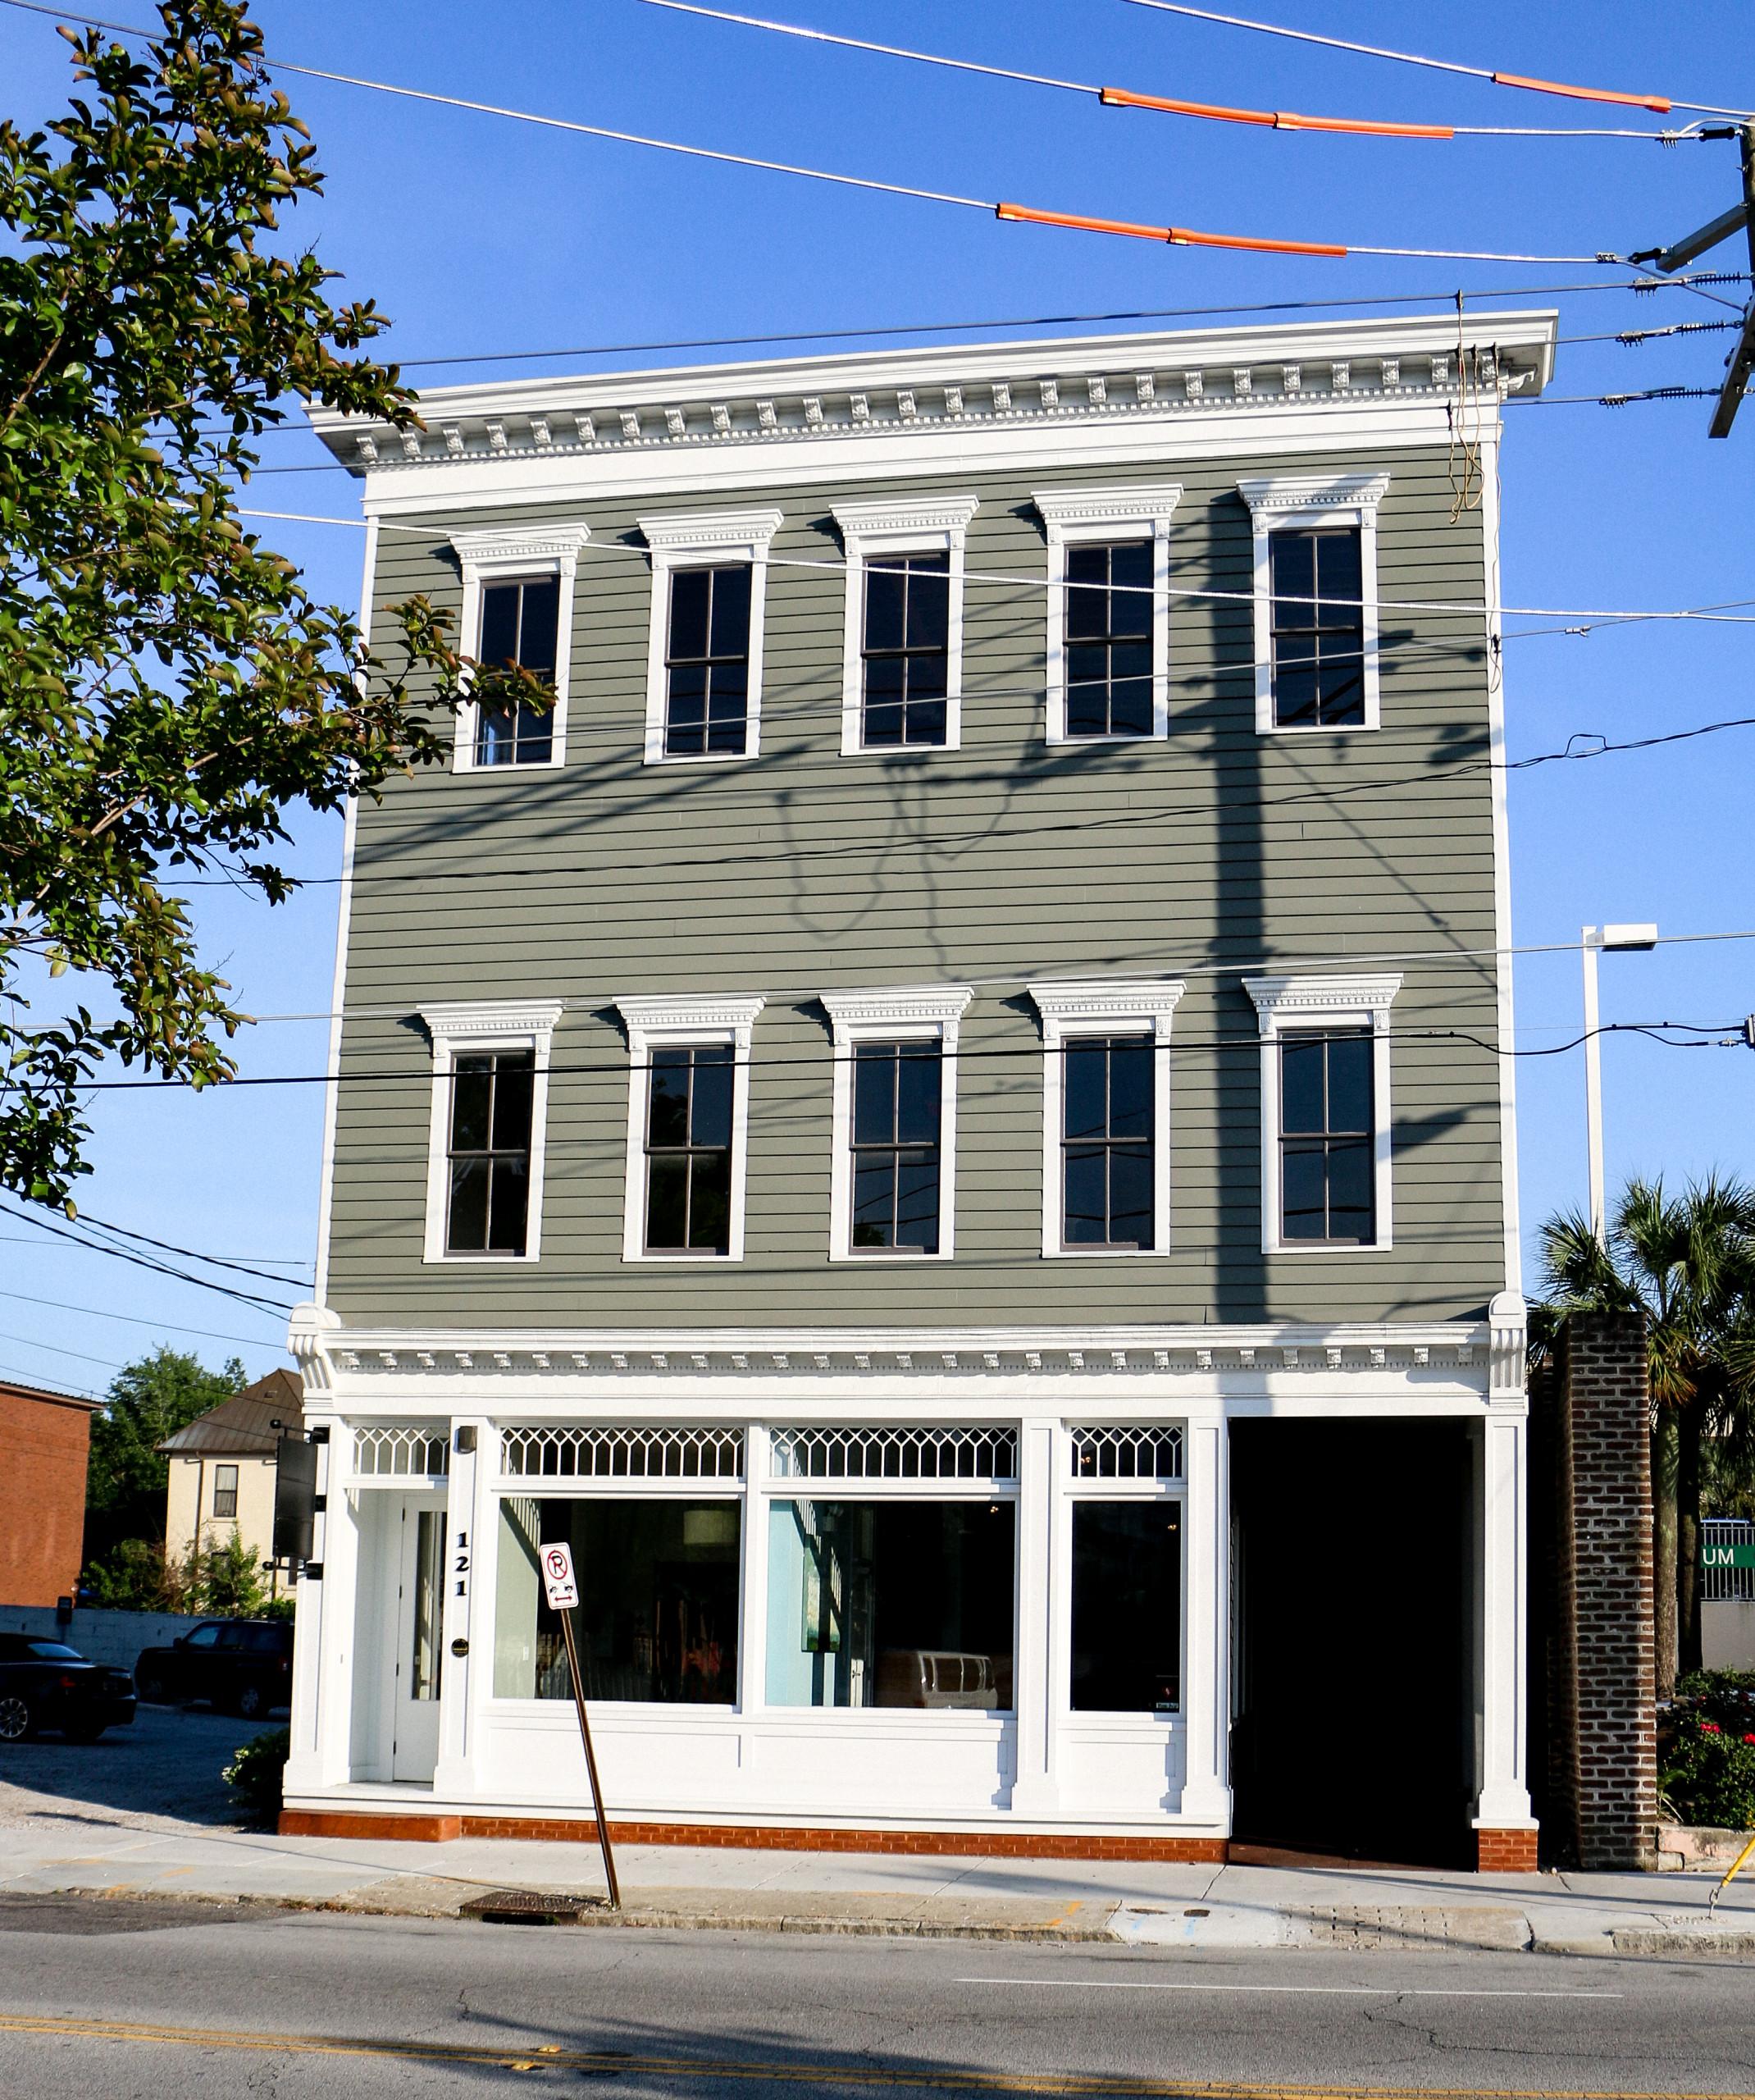 121 Calhoun Office Building